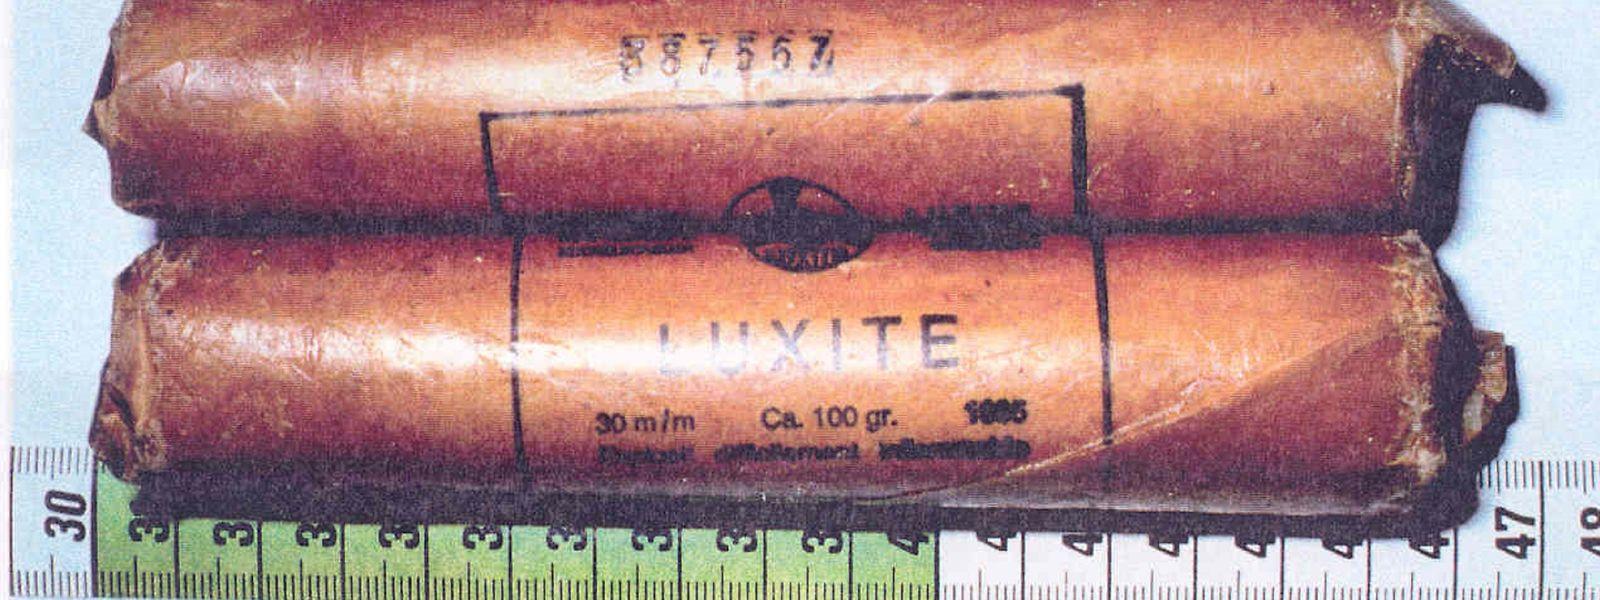 Luxite-Sprengstoff aus einheimischer Produktion ist eines der Markenzeichen der Bommeleeër.